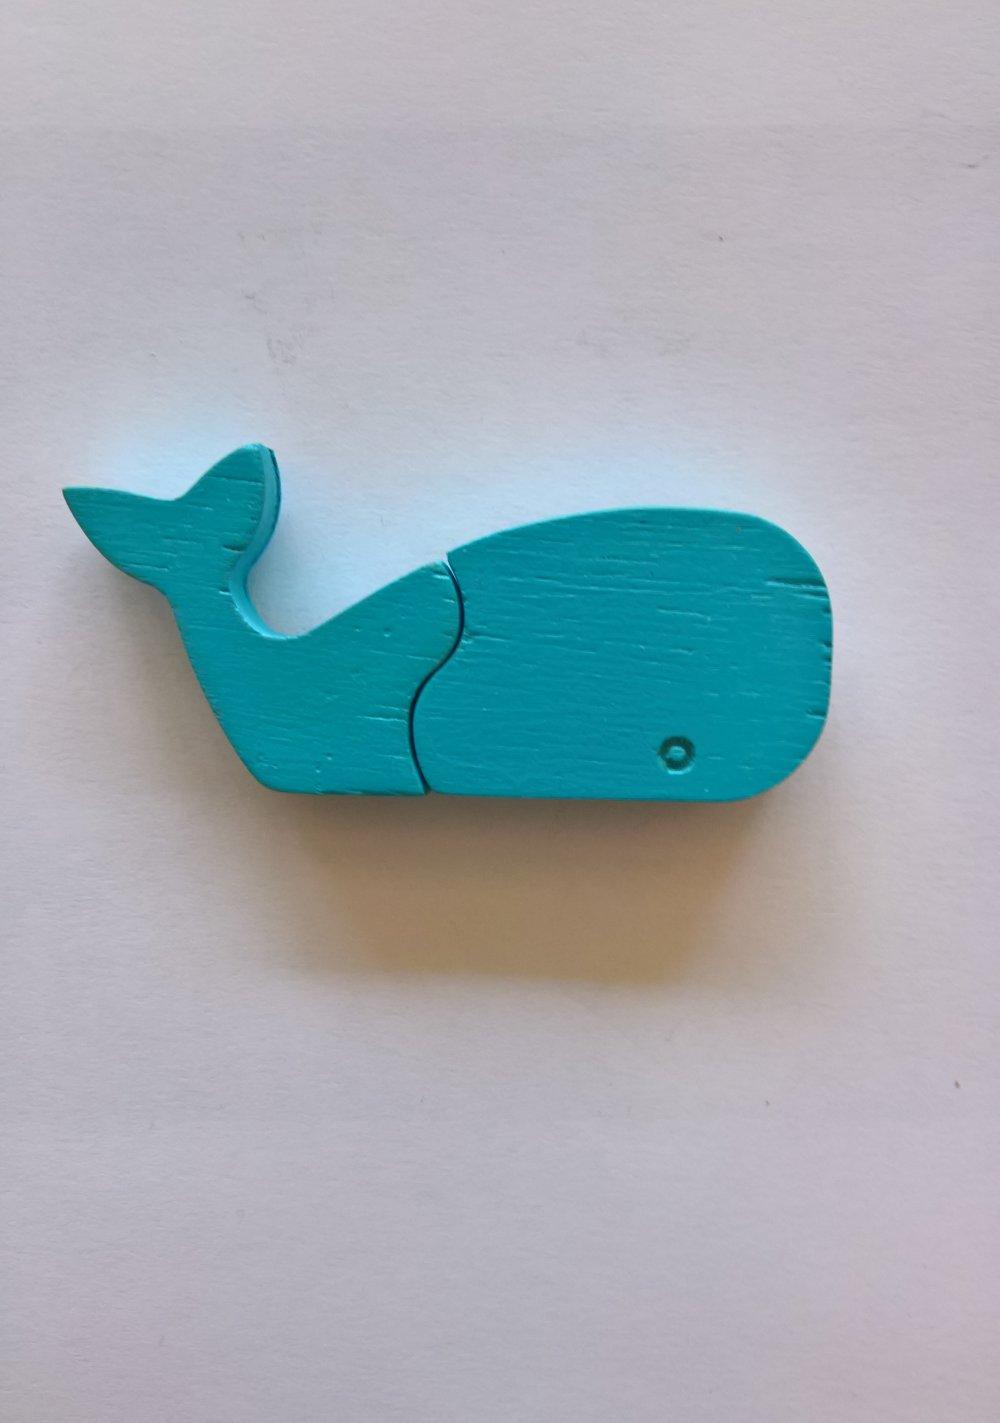 """Magnets animaux - """"Chimères"""" - Baleine - Un puzzle éducatif en bois simple et ludique."""